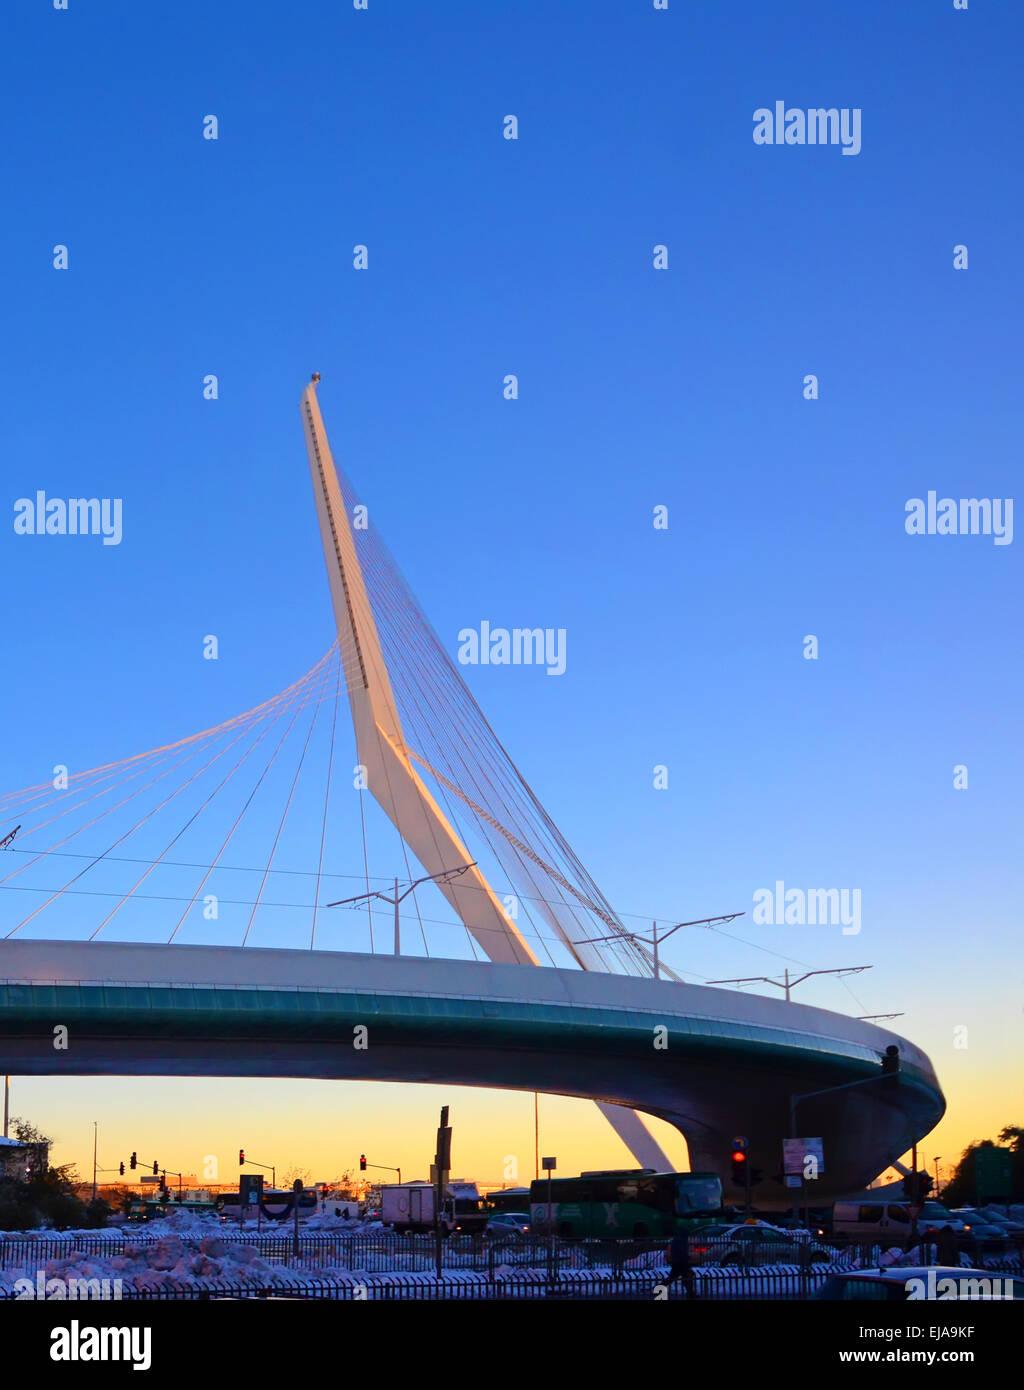 Puente de las cadenas, Santiago Calatrava, Jerusalem, Israel Imagen De Stock